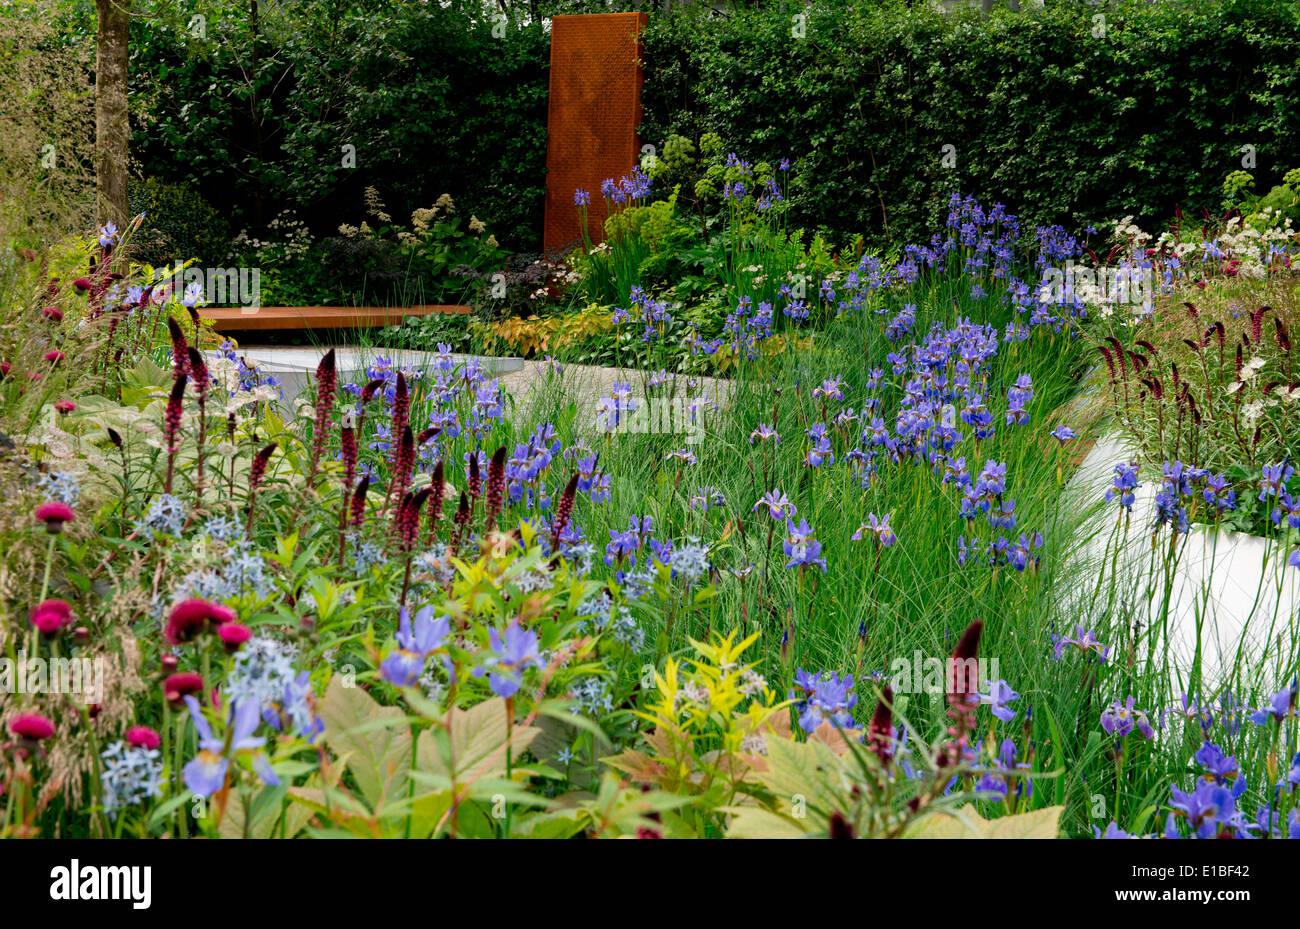 Die RBC Wasserlandschaft Garten entworfen ein Goldmedaillen-Gewinner von Hugo Bugg bei der Chelsea Flower Show 2014, London, UK Stockbild